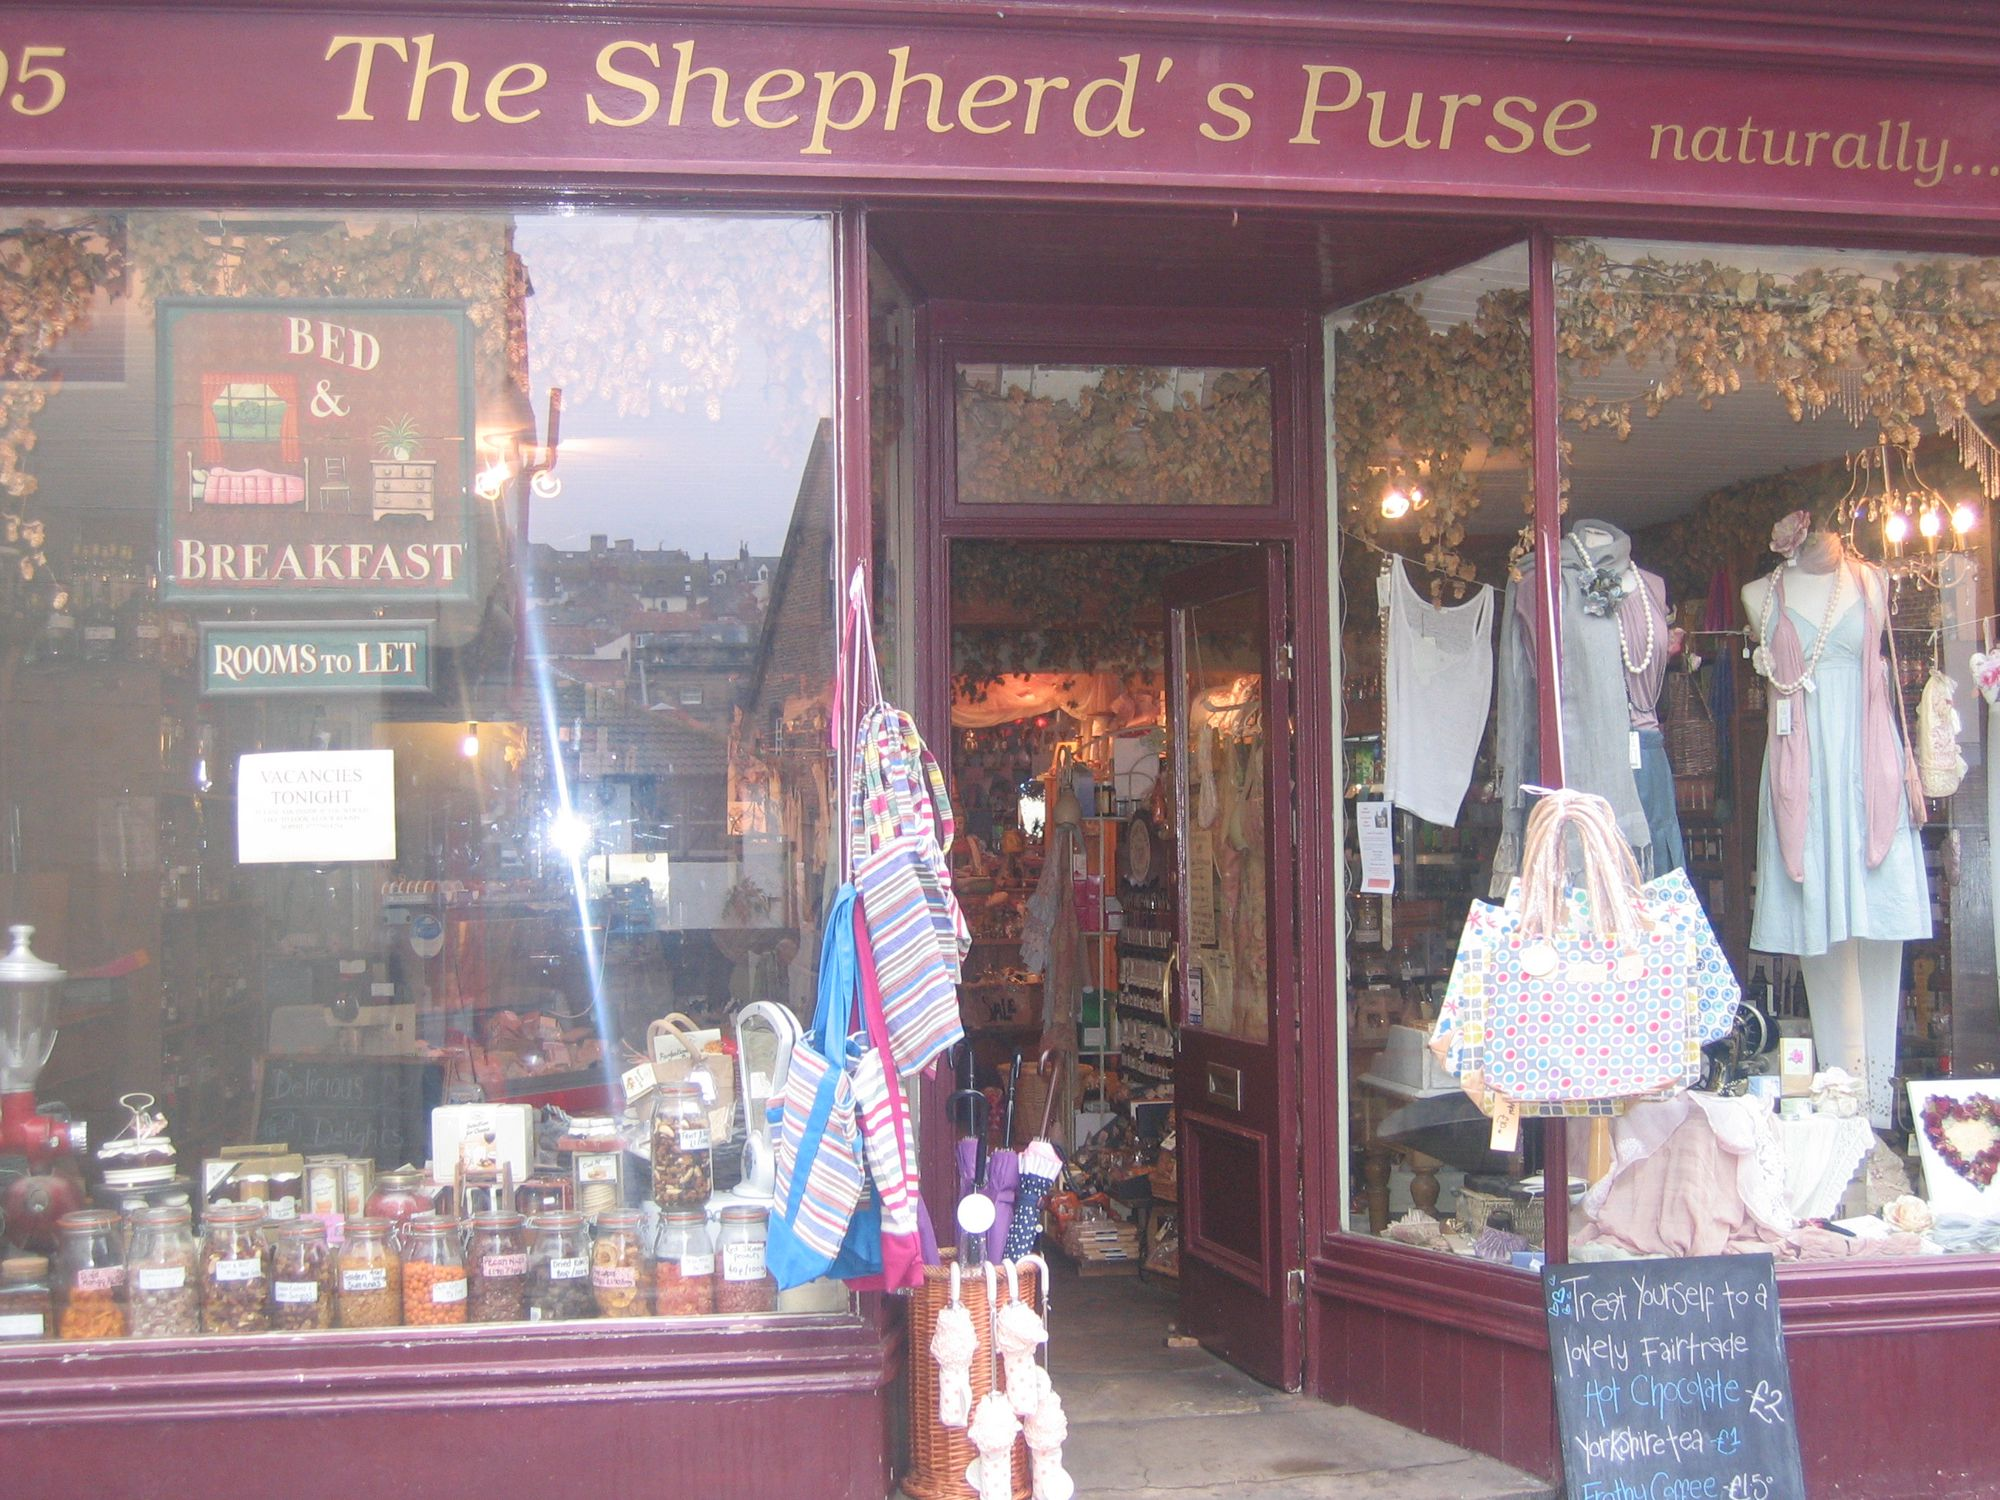 Shepherd's Purse